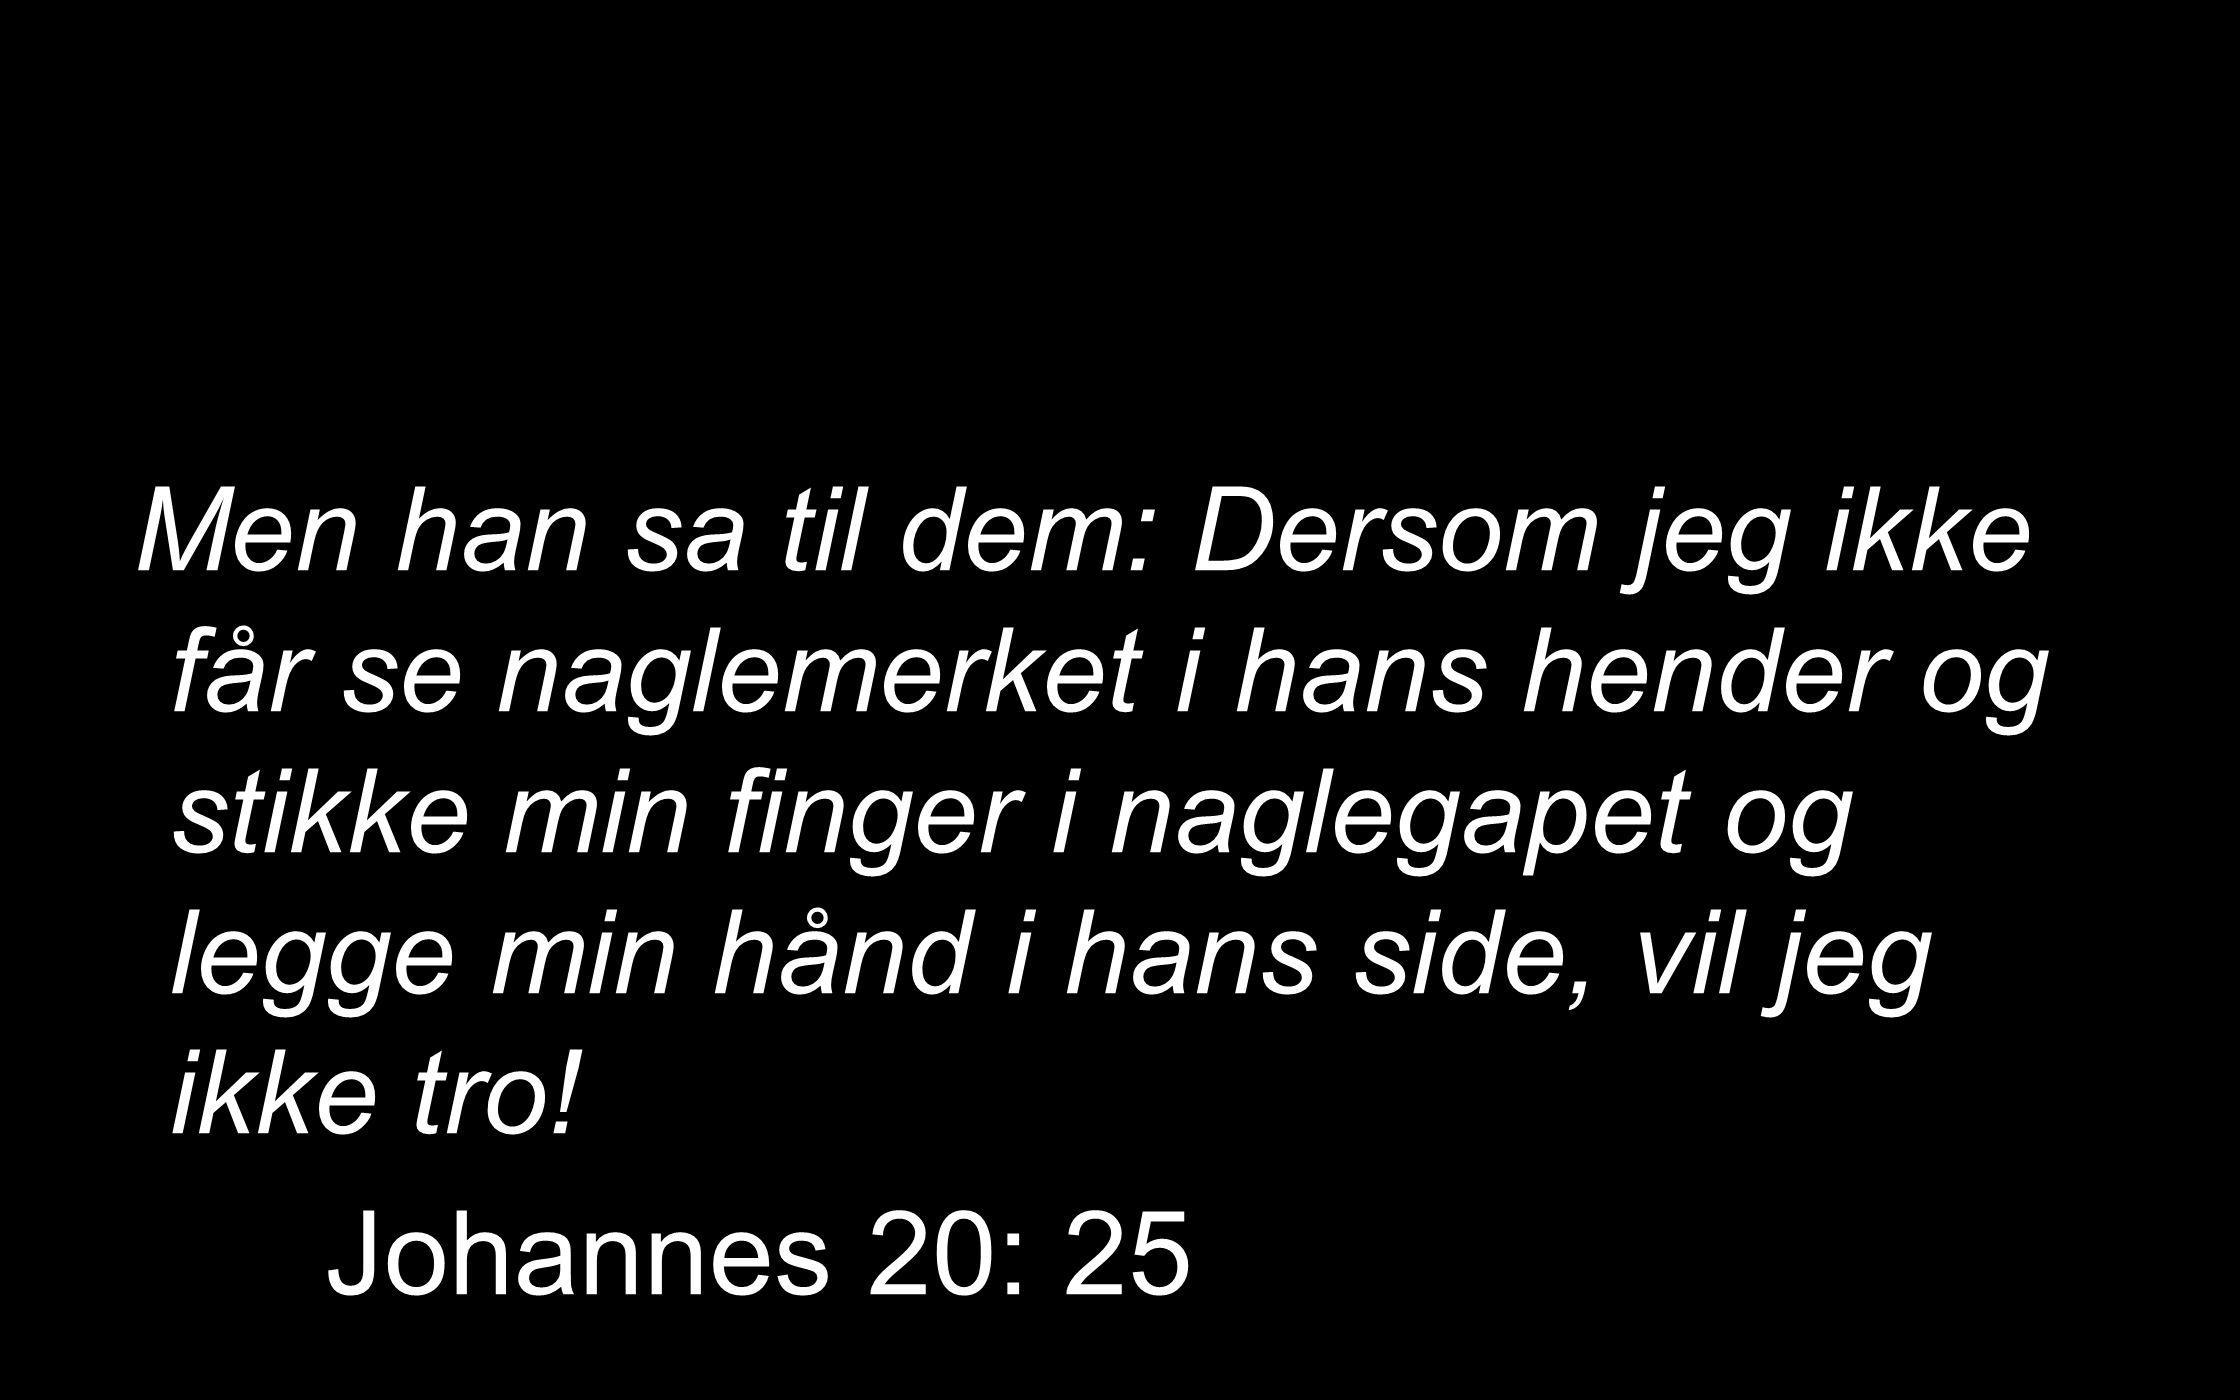 Men han sa til dem: Dersom jeg ikke får se naglemerket i hans hender og stikke min finger i naglegapet og legge min hånd i hans side, vil jeg ikke tro